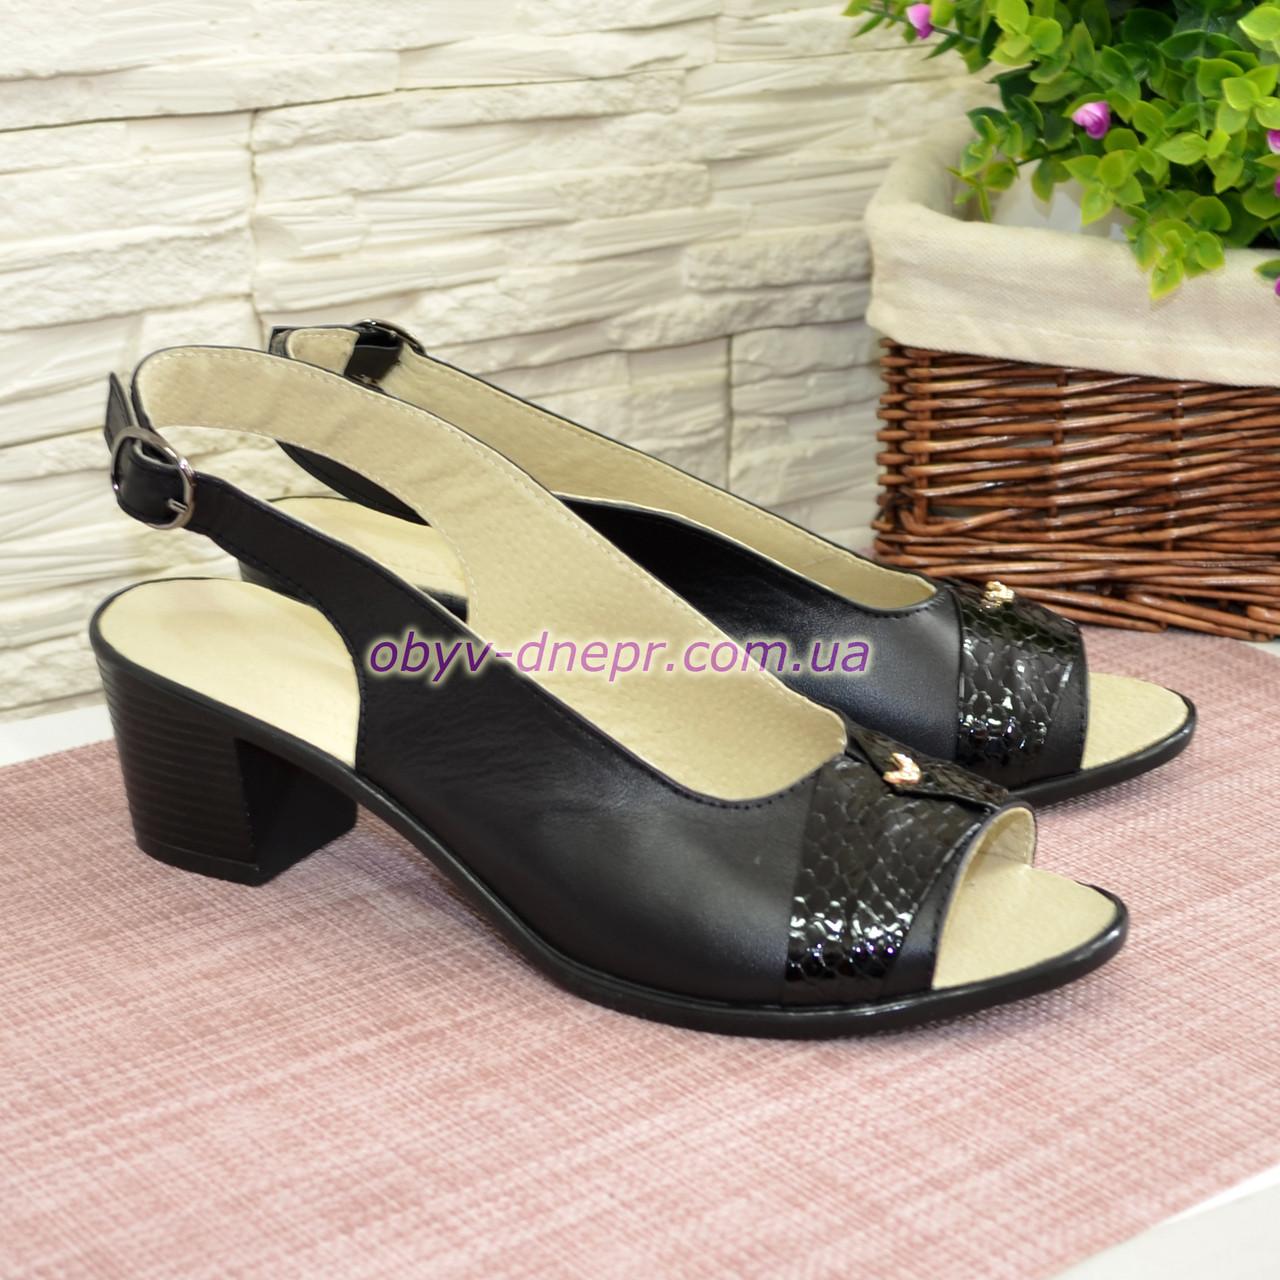 Босоножки женские кожаные на невысоком устойчивом каблуке